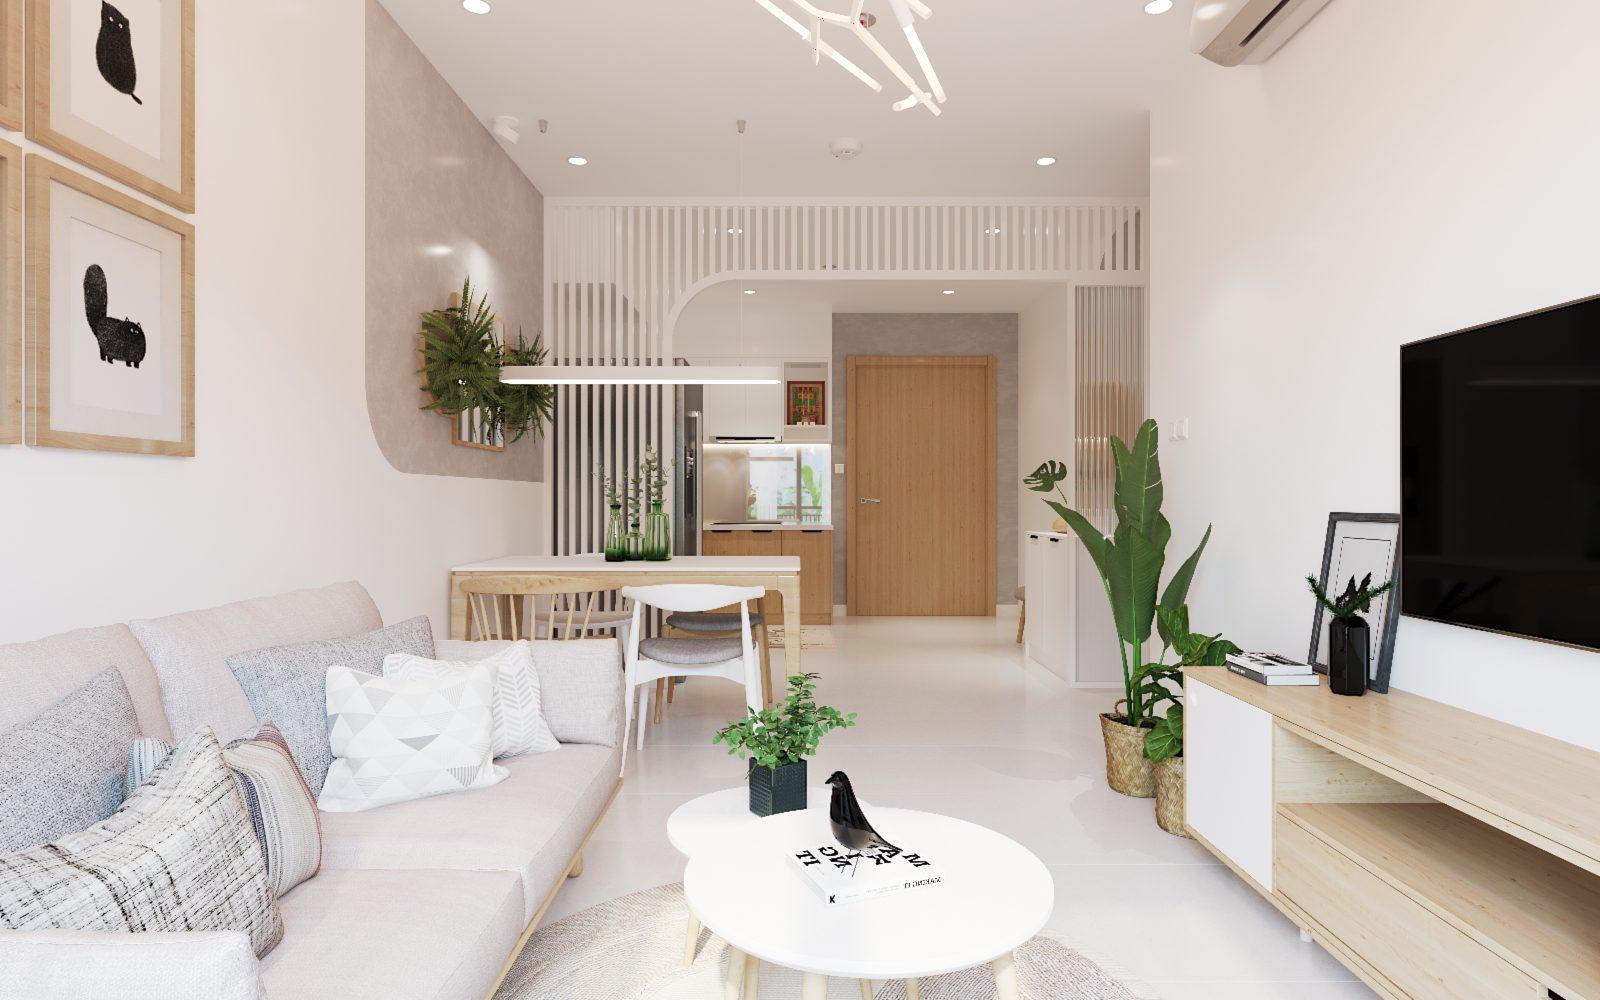 thiết kế nội thất căn hộ chung cư đẹp - 02